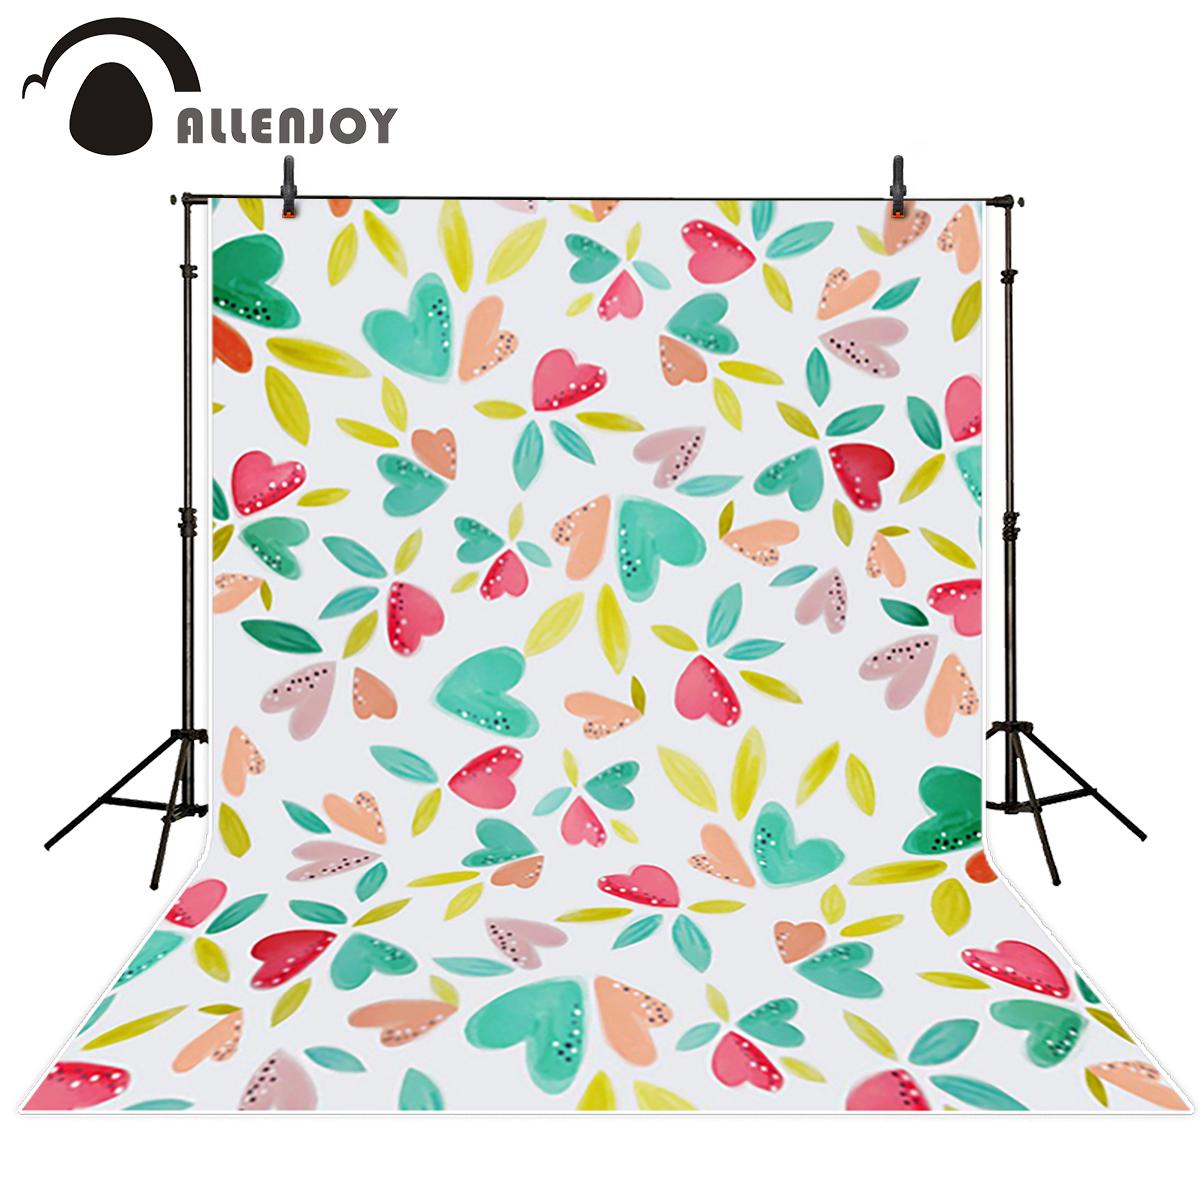 allenjoy estudio fotogrfico fondo rojo cian amarillo amor hermosa mariposa blanca photocall vinilo fondo fotogrfico